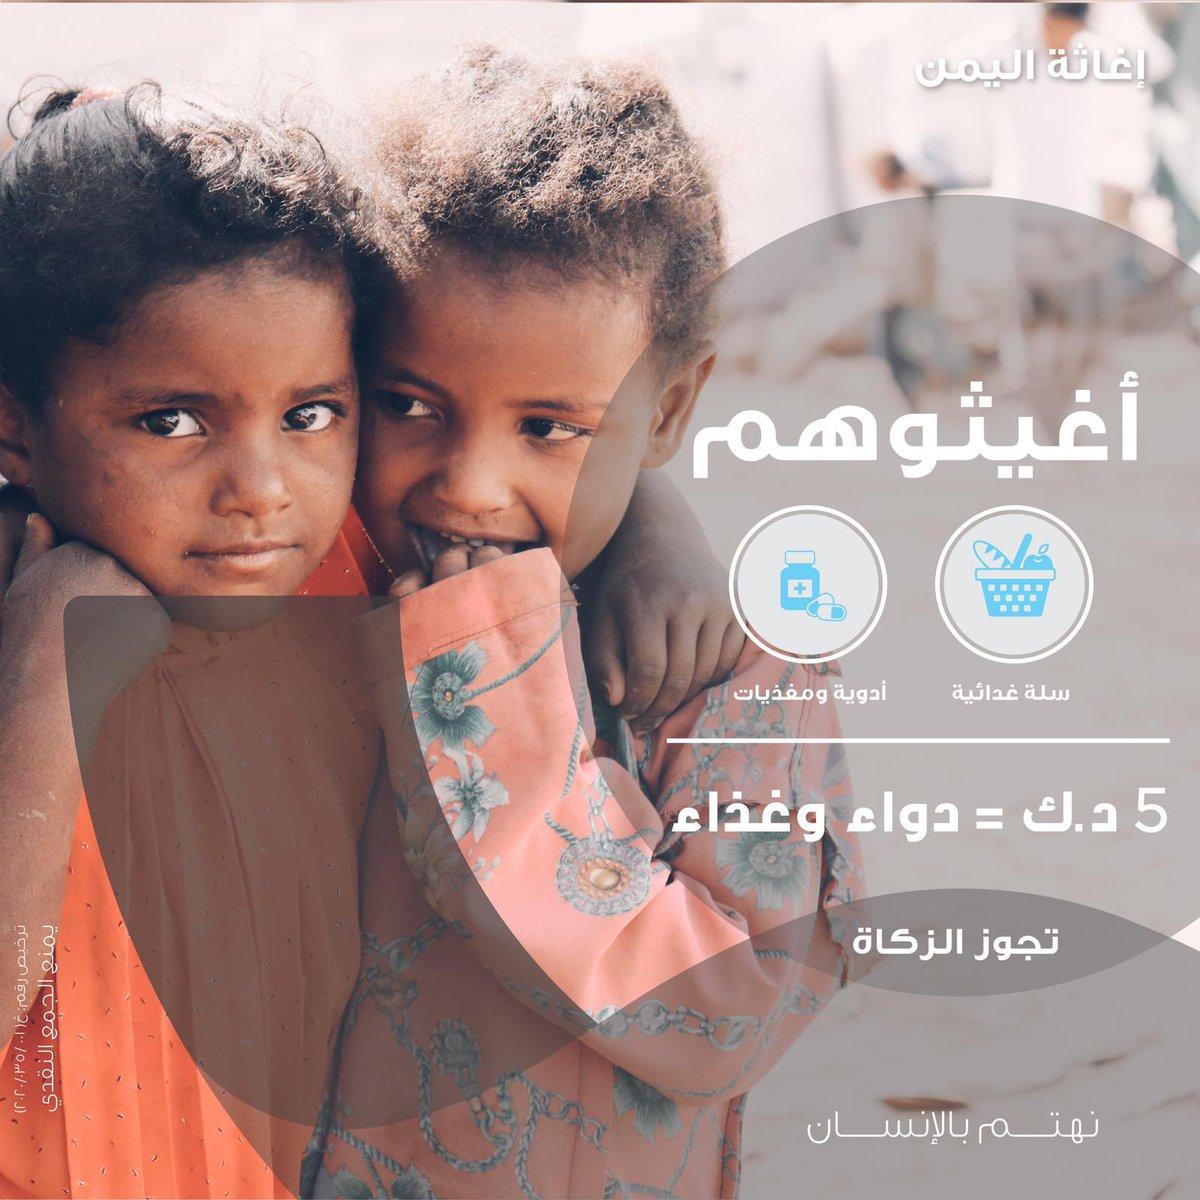 مقابل كل 5 دنانير هناك مستفيد من الغذاء والدواء لأطفال اليمن .. وتجوز دفعها من الزكاة